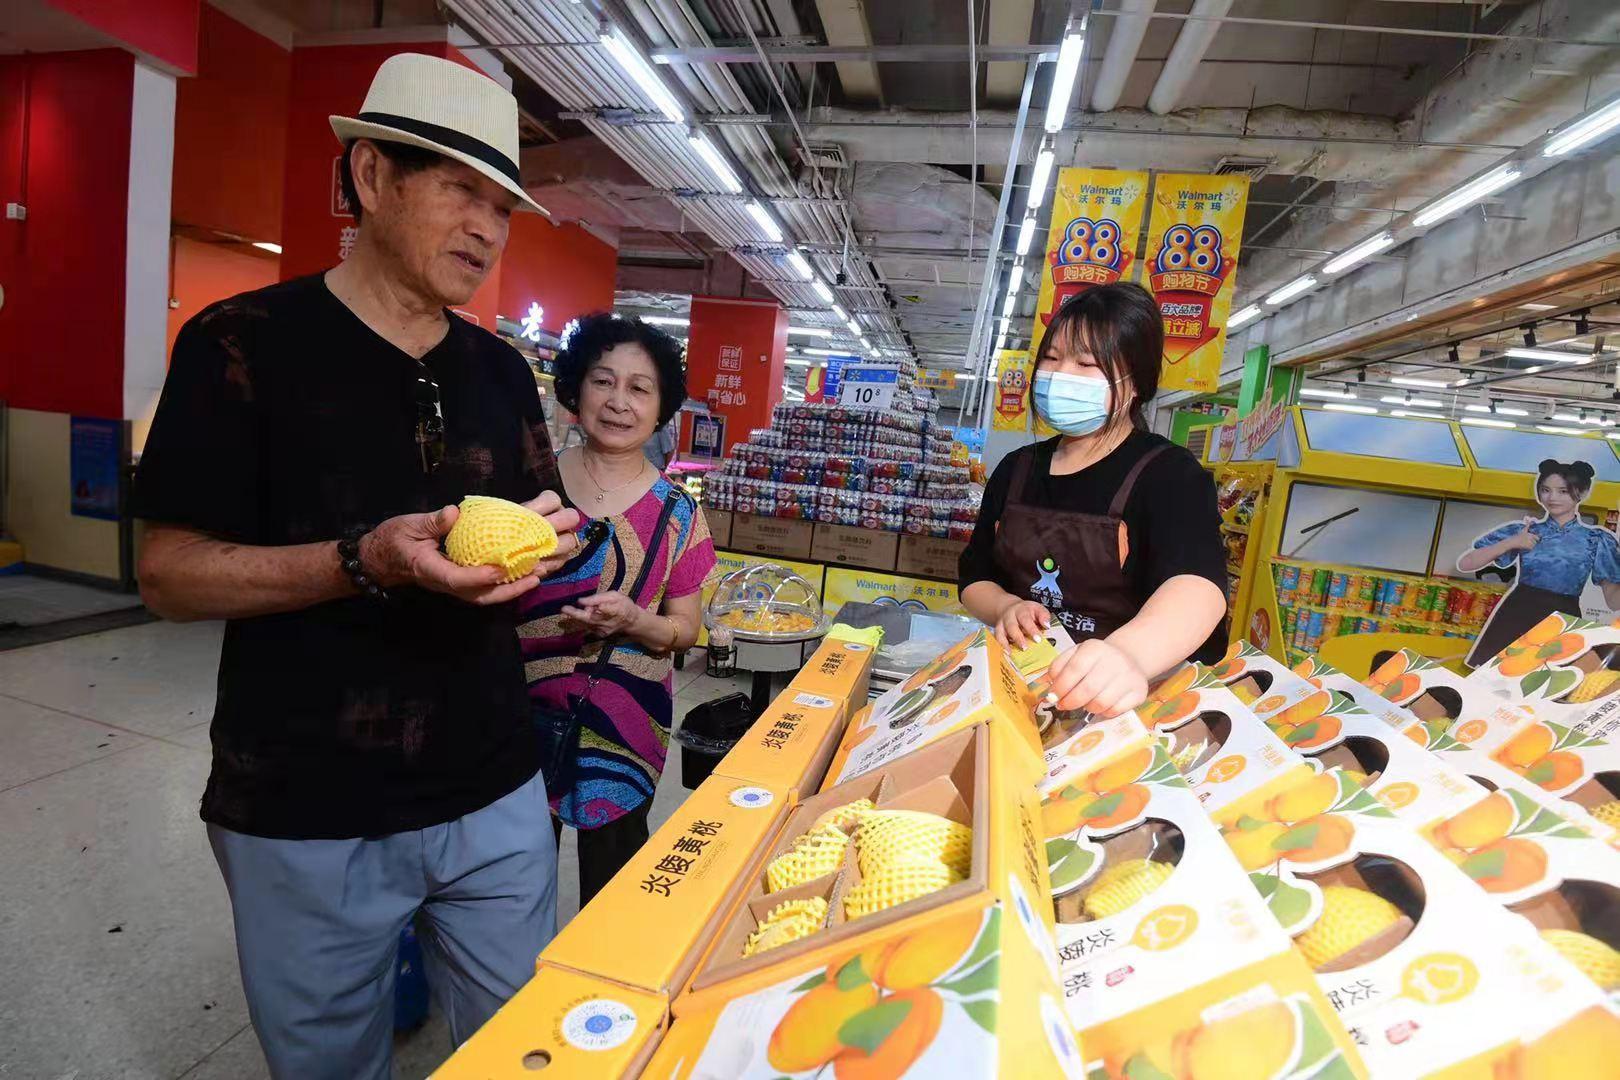 炎陵黄桃借力沃尔玛,100吨鲜果直达全国